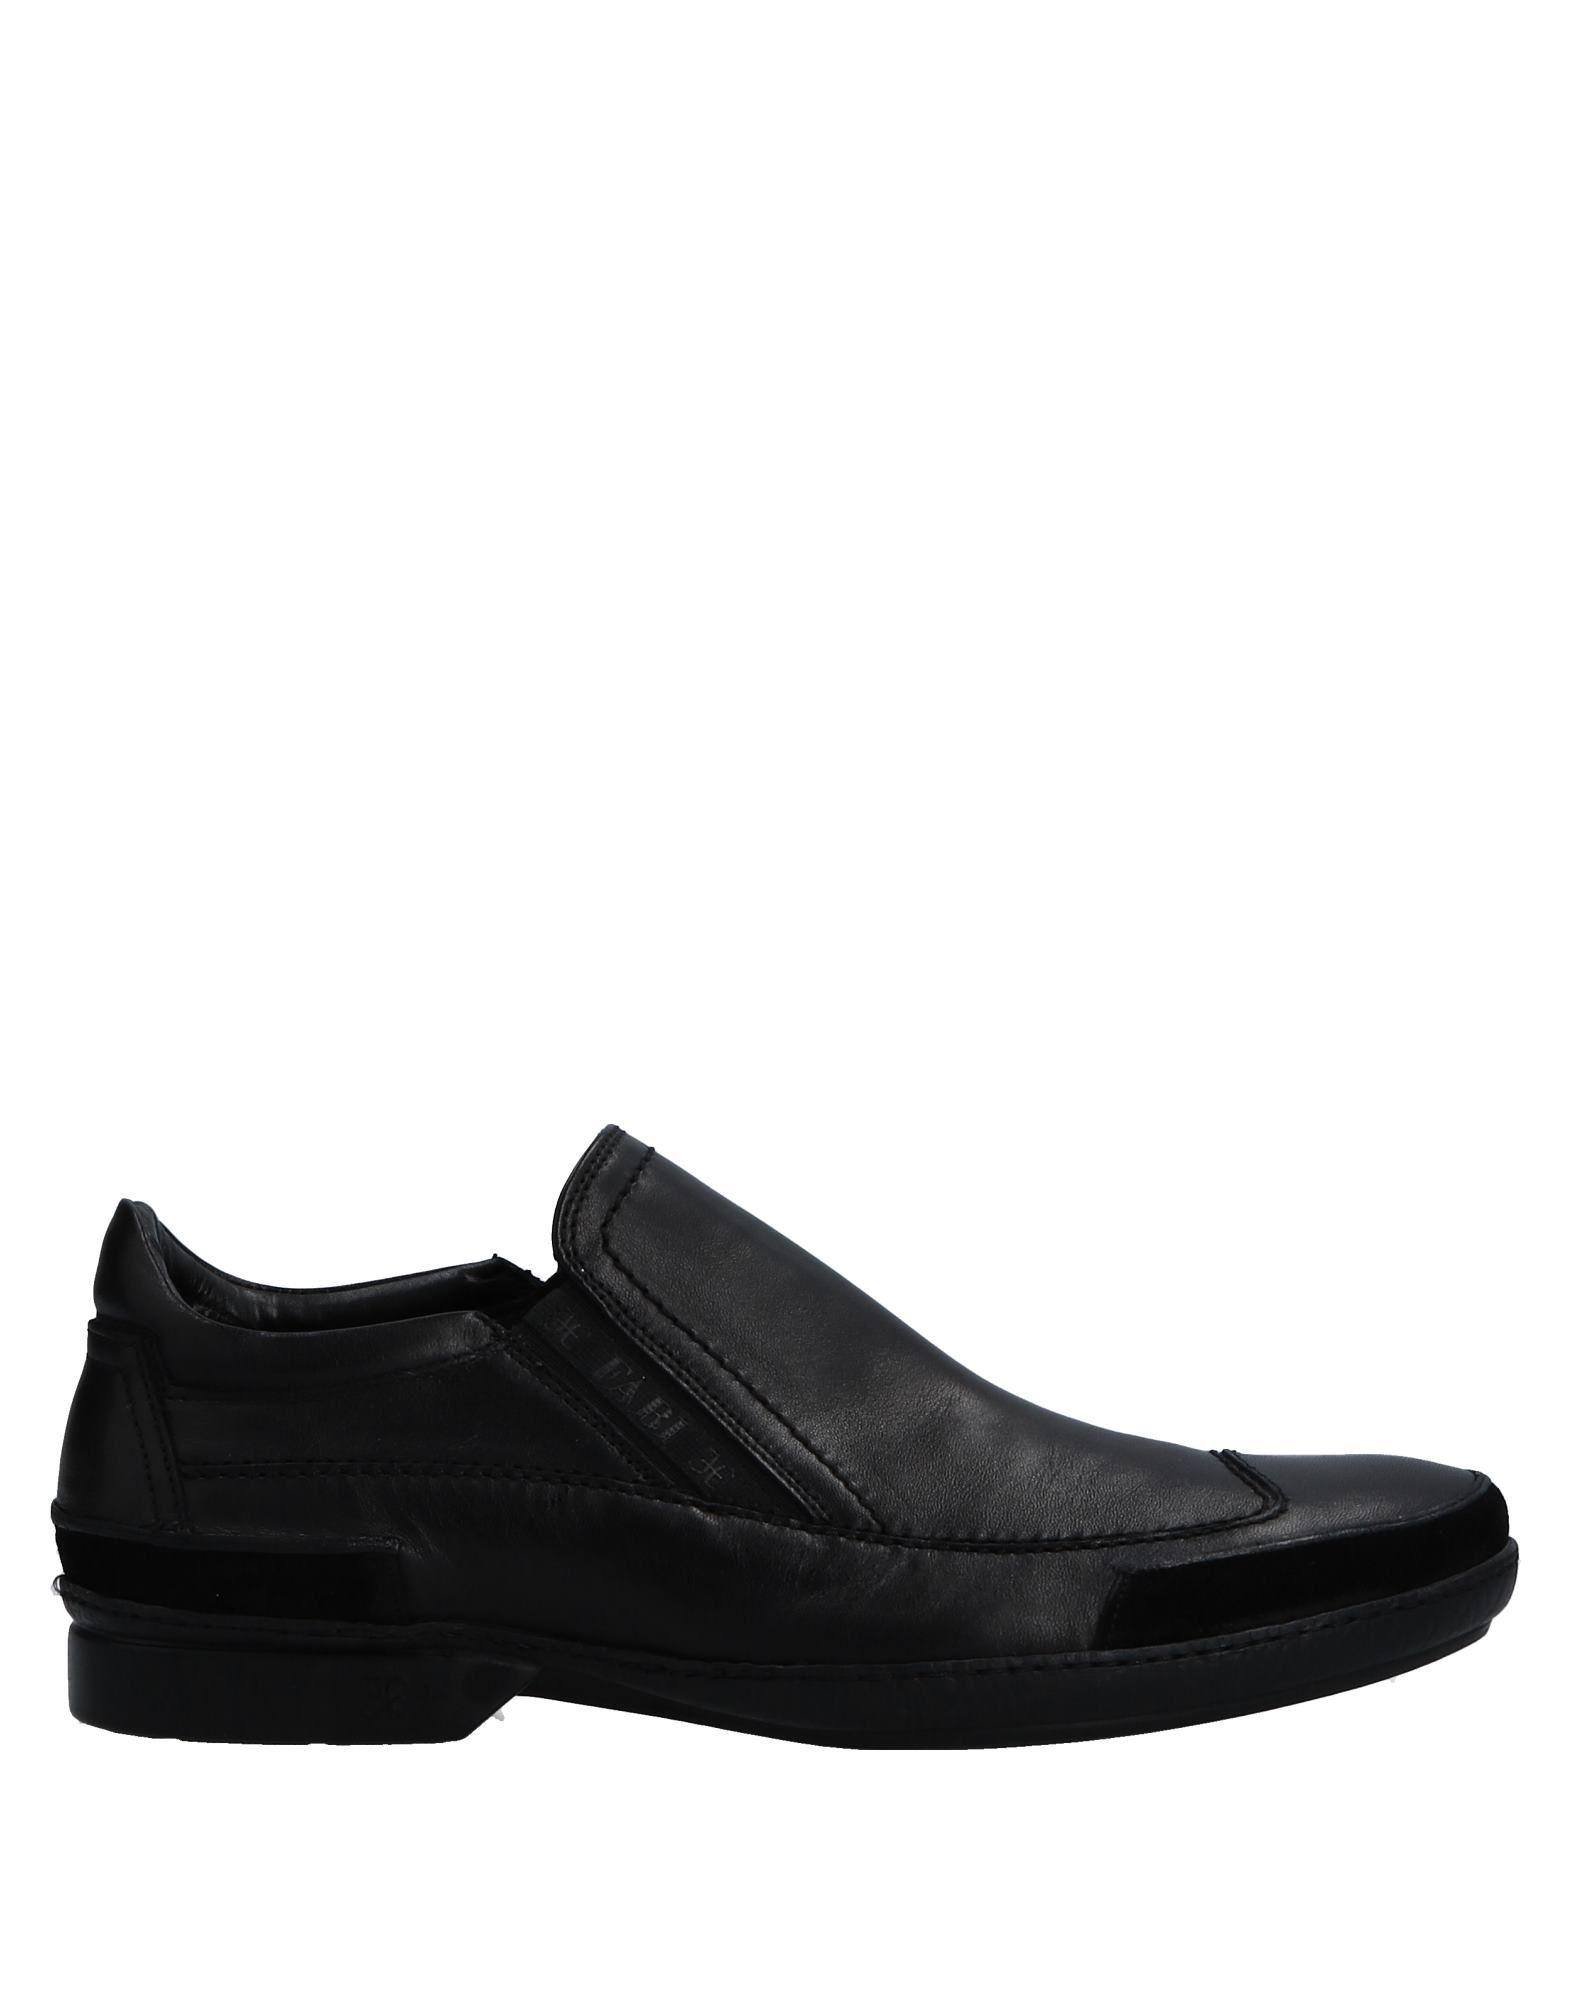 Fabi Mokassins Herren  11531893UF Gute Qualität beliebte Schuhe